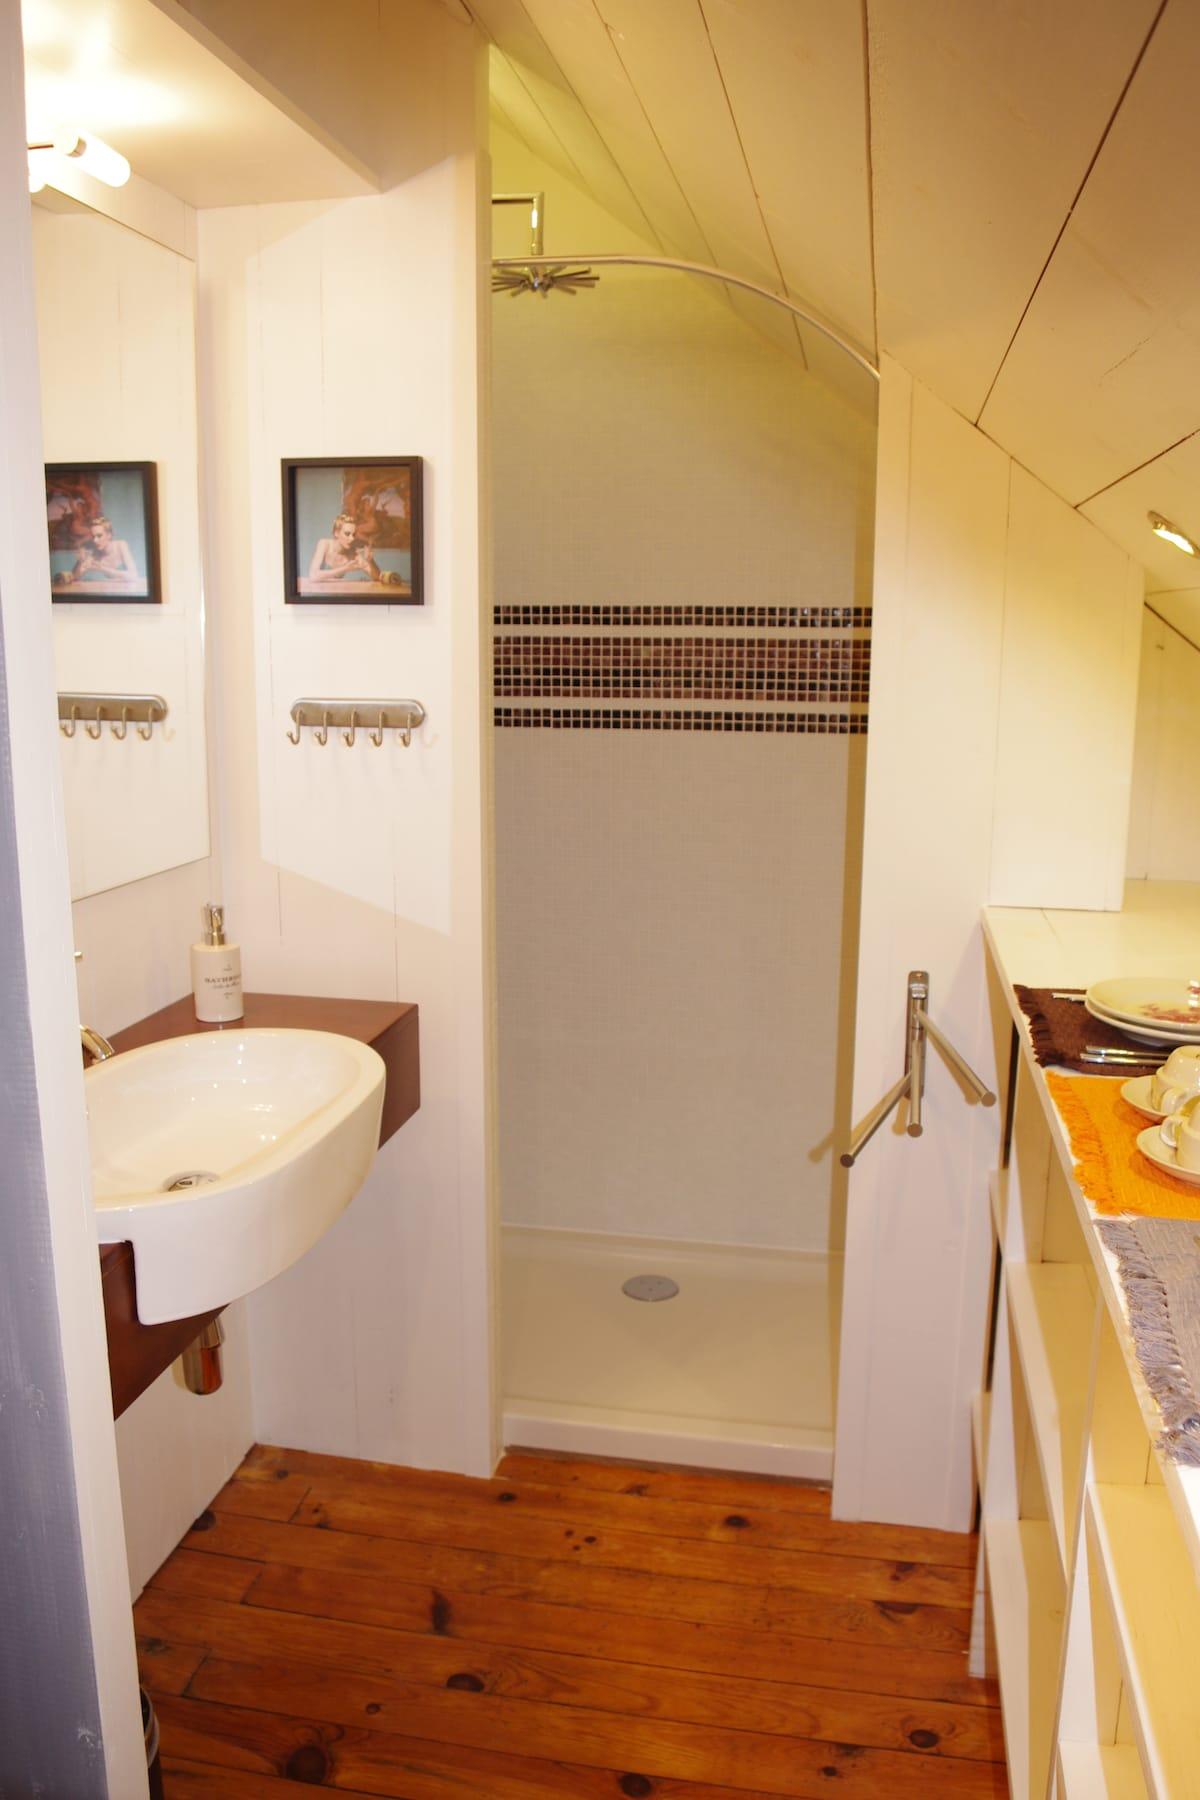 Salle de Bain privative. Intégrée dans la chambre par une cloison en bois semi-ouverte, elle se compose d'un plan vasque et d'une grande douche. Elle cohabite avec le coin rangement, caractérisé par des casiers spacieux.